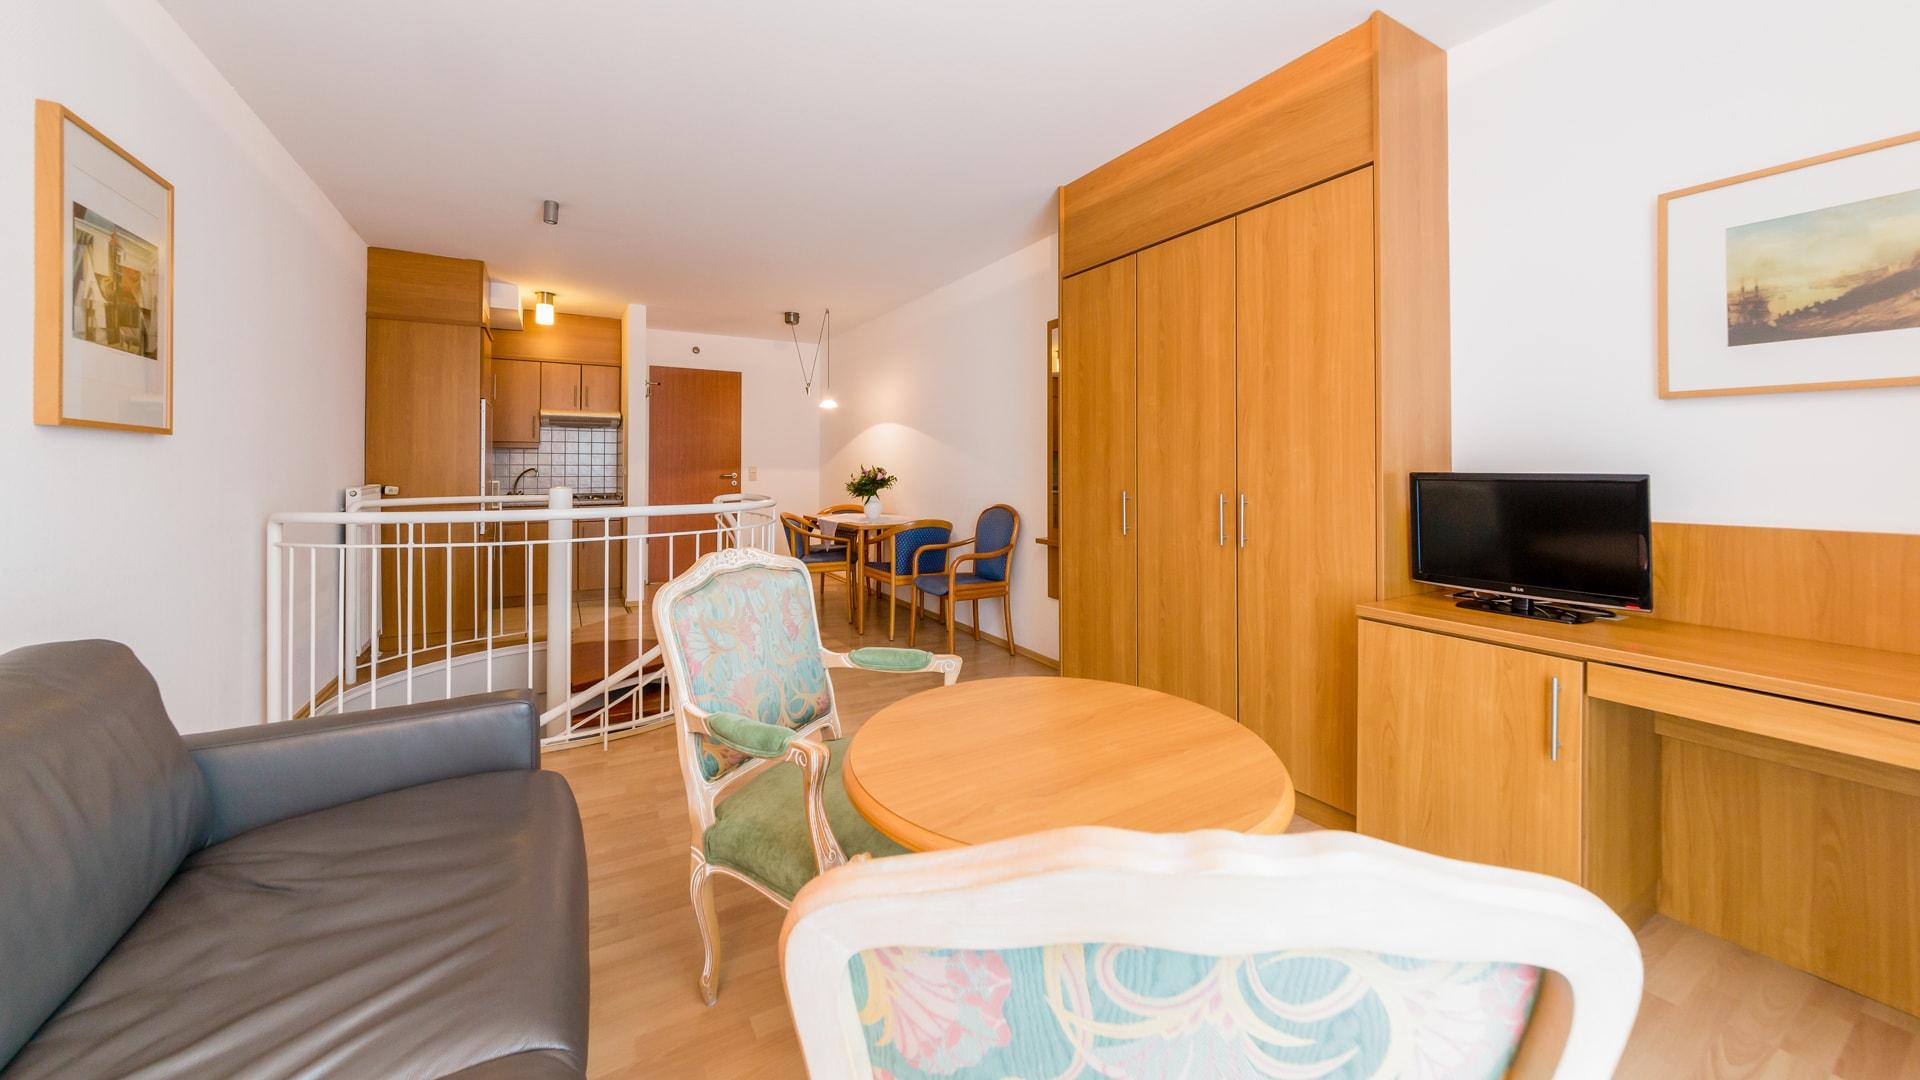 31 Michels_Hotels_Suedwesthoern_3Raum_Ferienwohnung_Wohnbereich_und_offene_Kueche